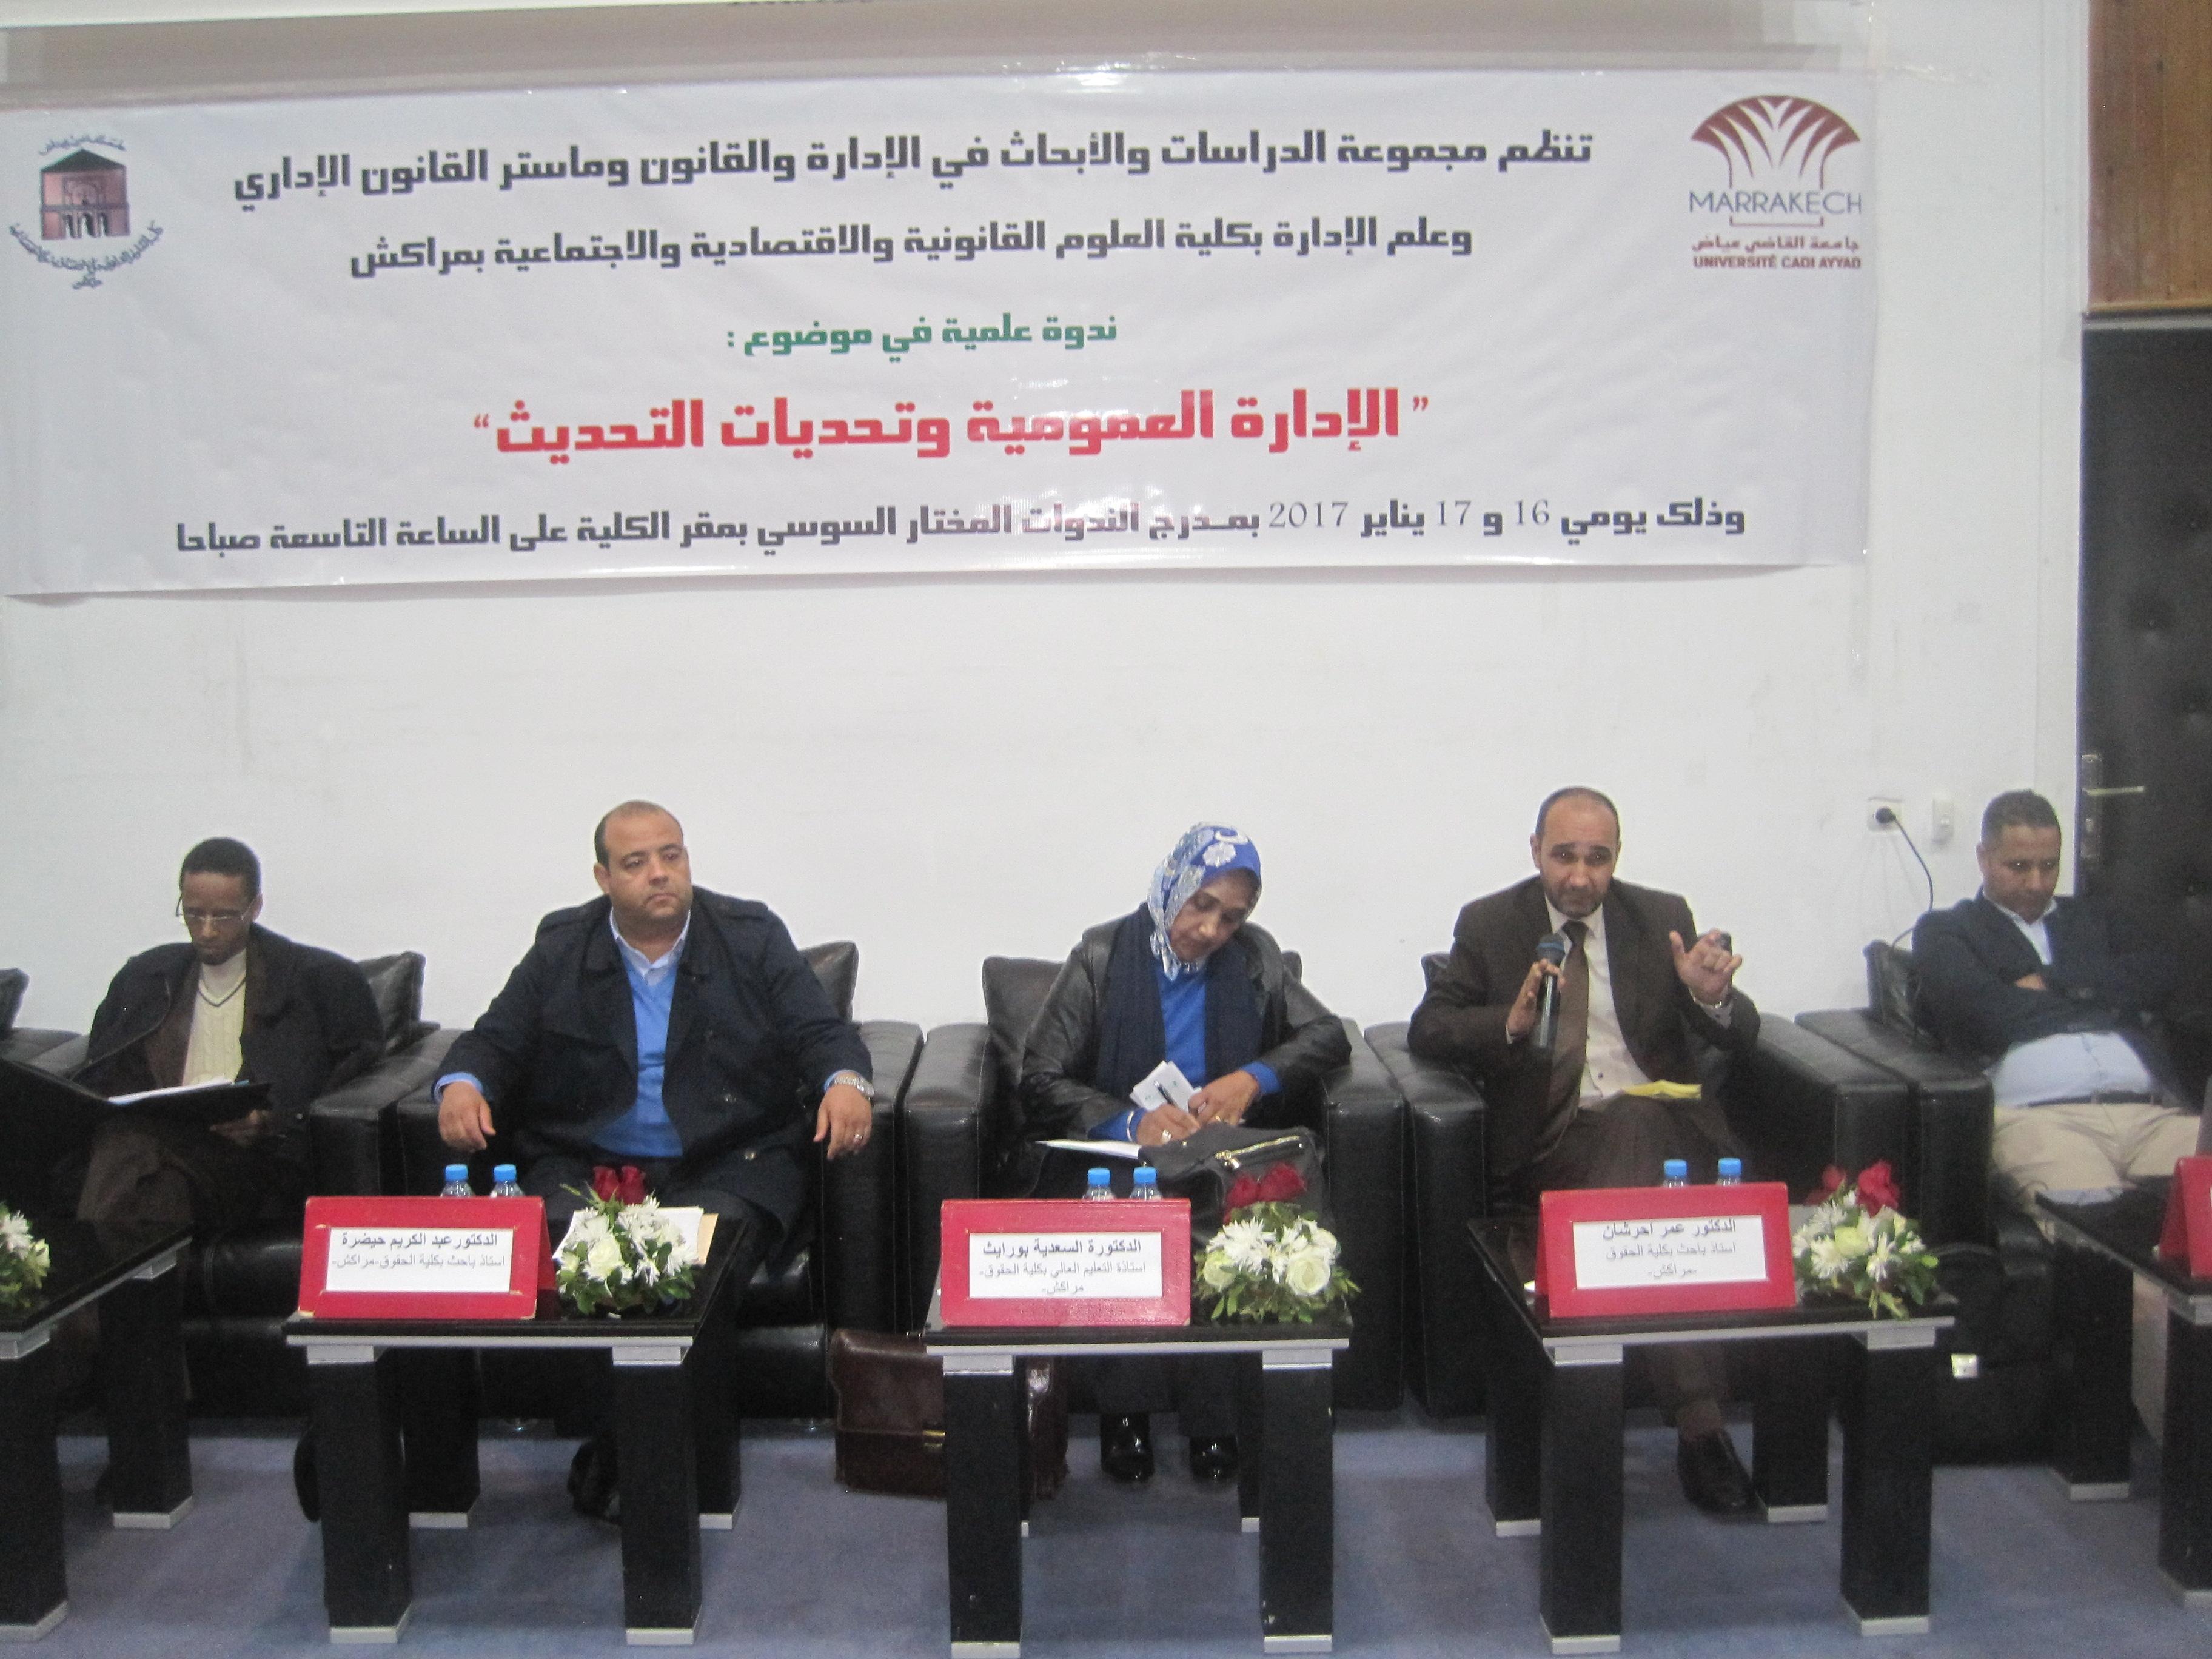 الإدارة المغربية وتحديات التحديث محور ندوة علمية وطنية بكلية الحقوق بمراكش